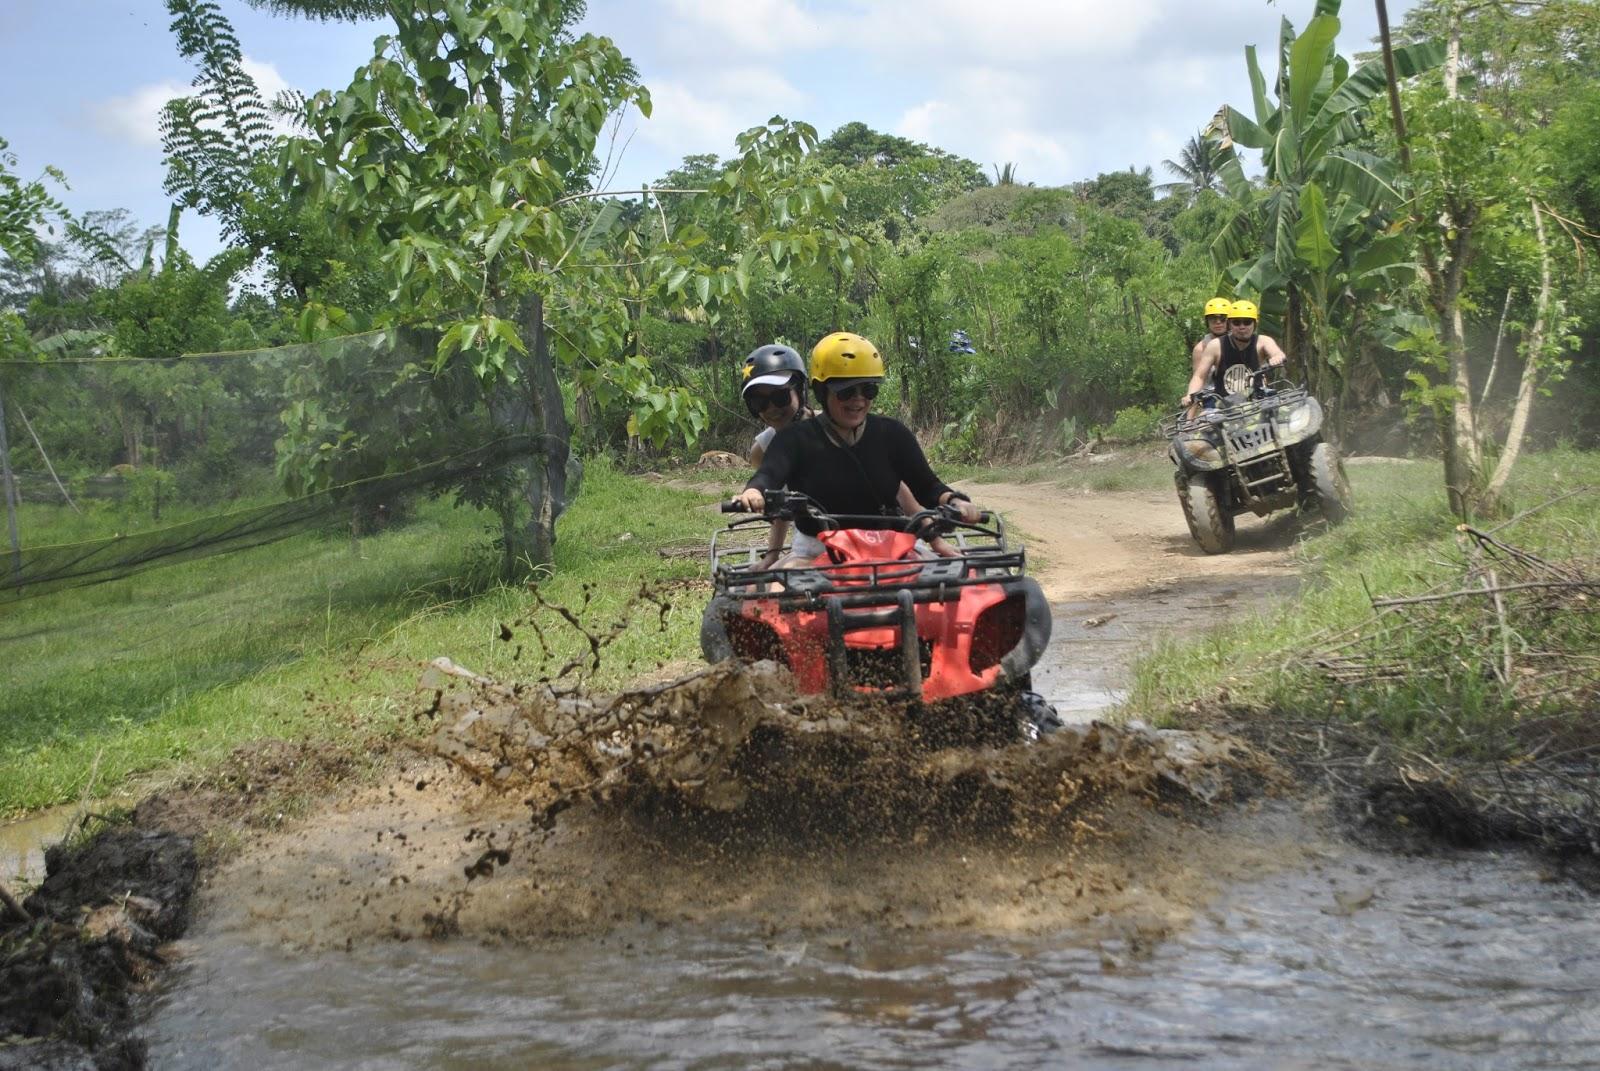 Hasil gambar untuk ATV Quad Bike Adventure bali